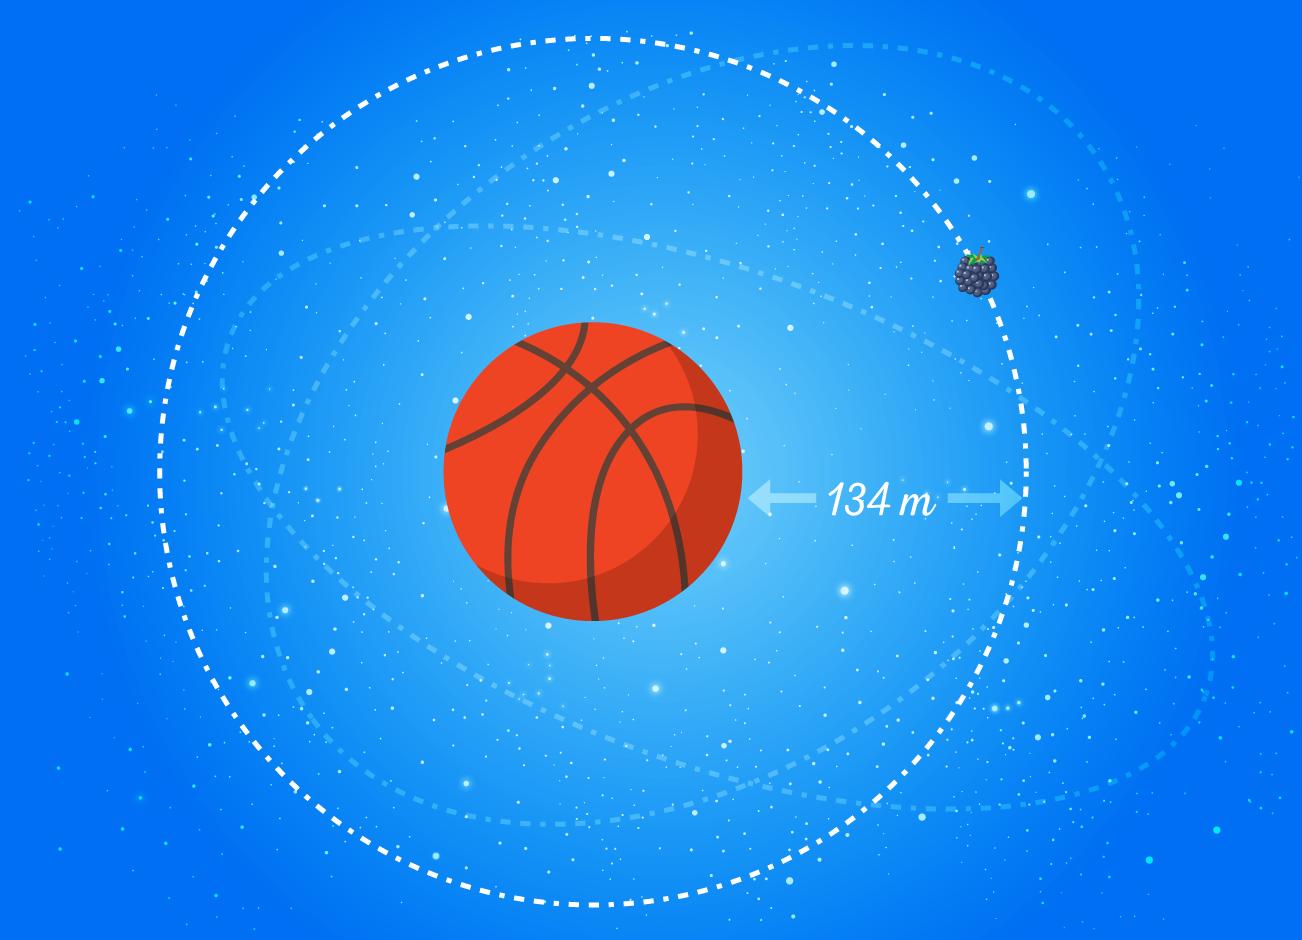 Comparación de el tamaño de Júpiter con relación al sol.